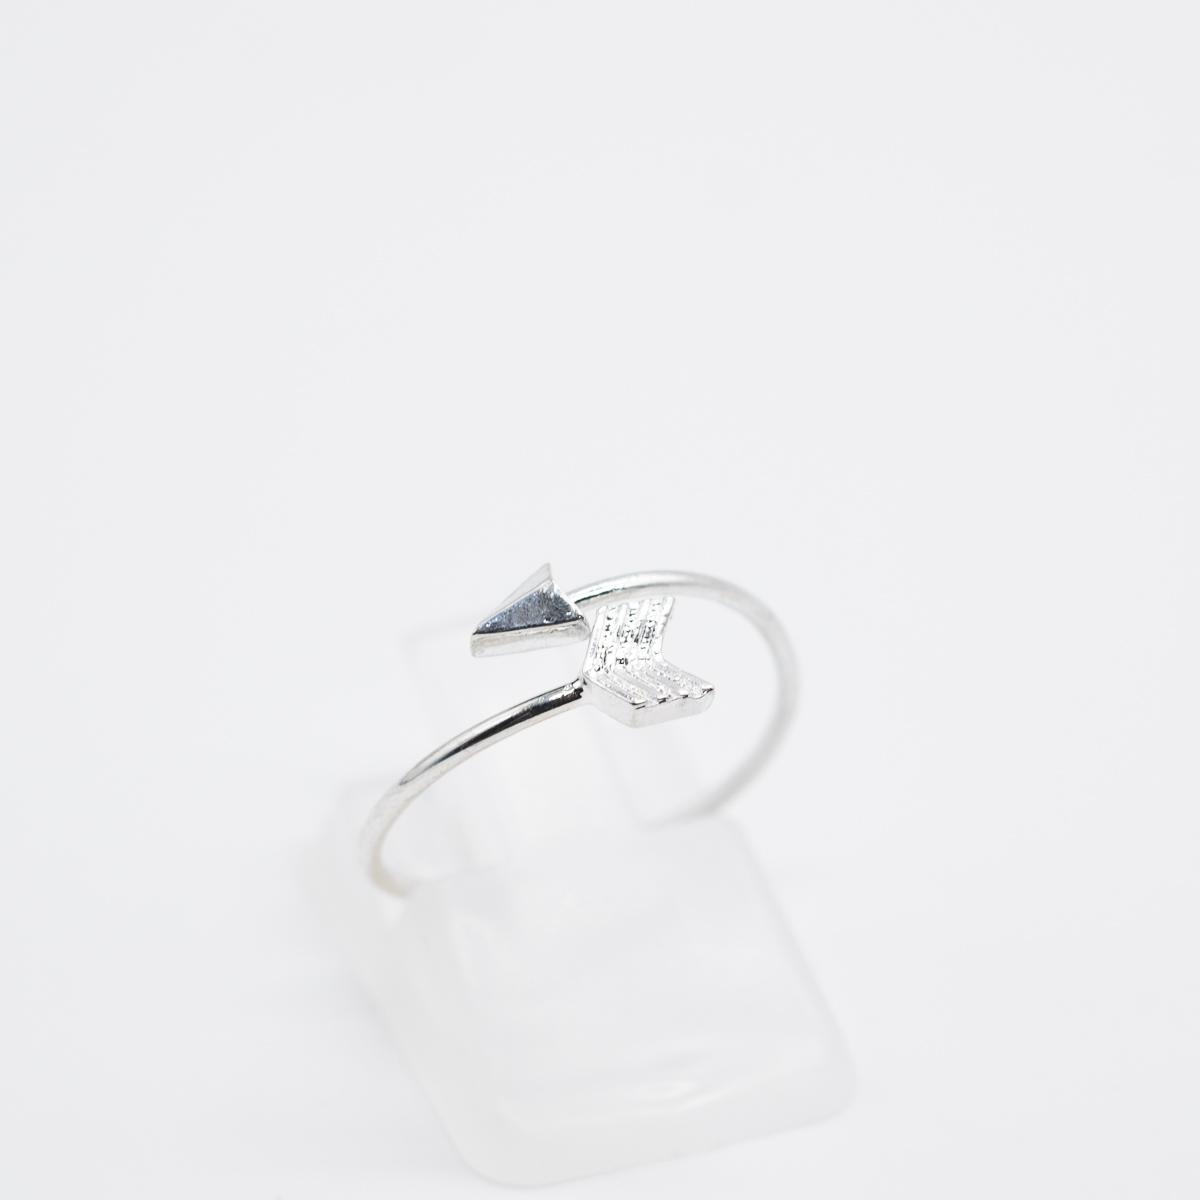 RNG-004 zilver bohemian ring pijl